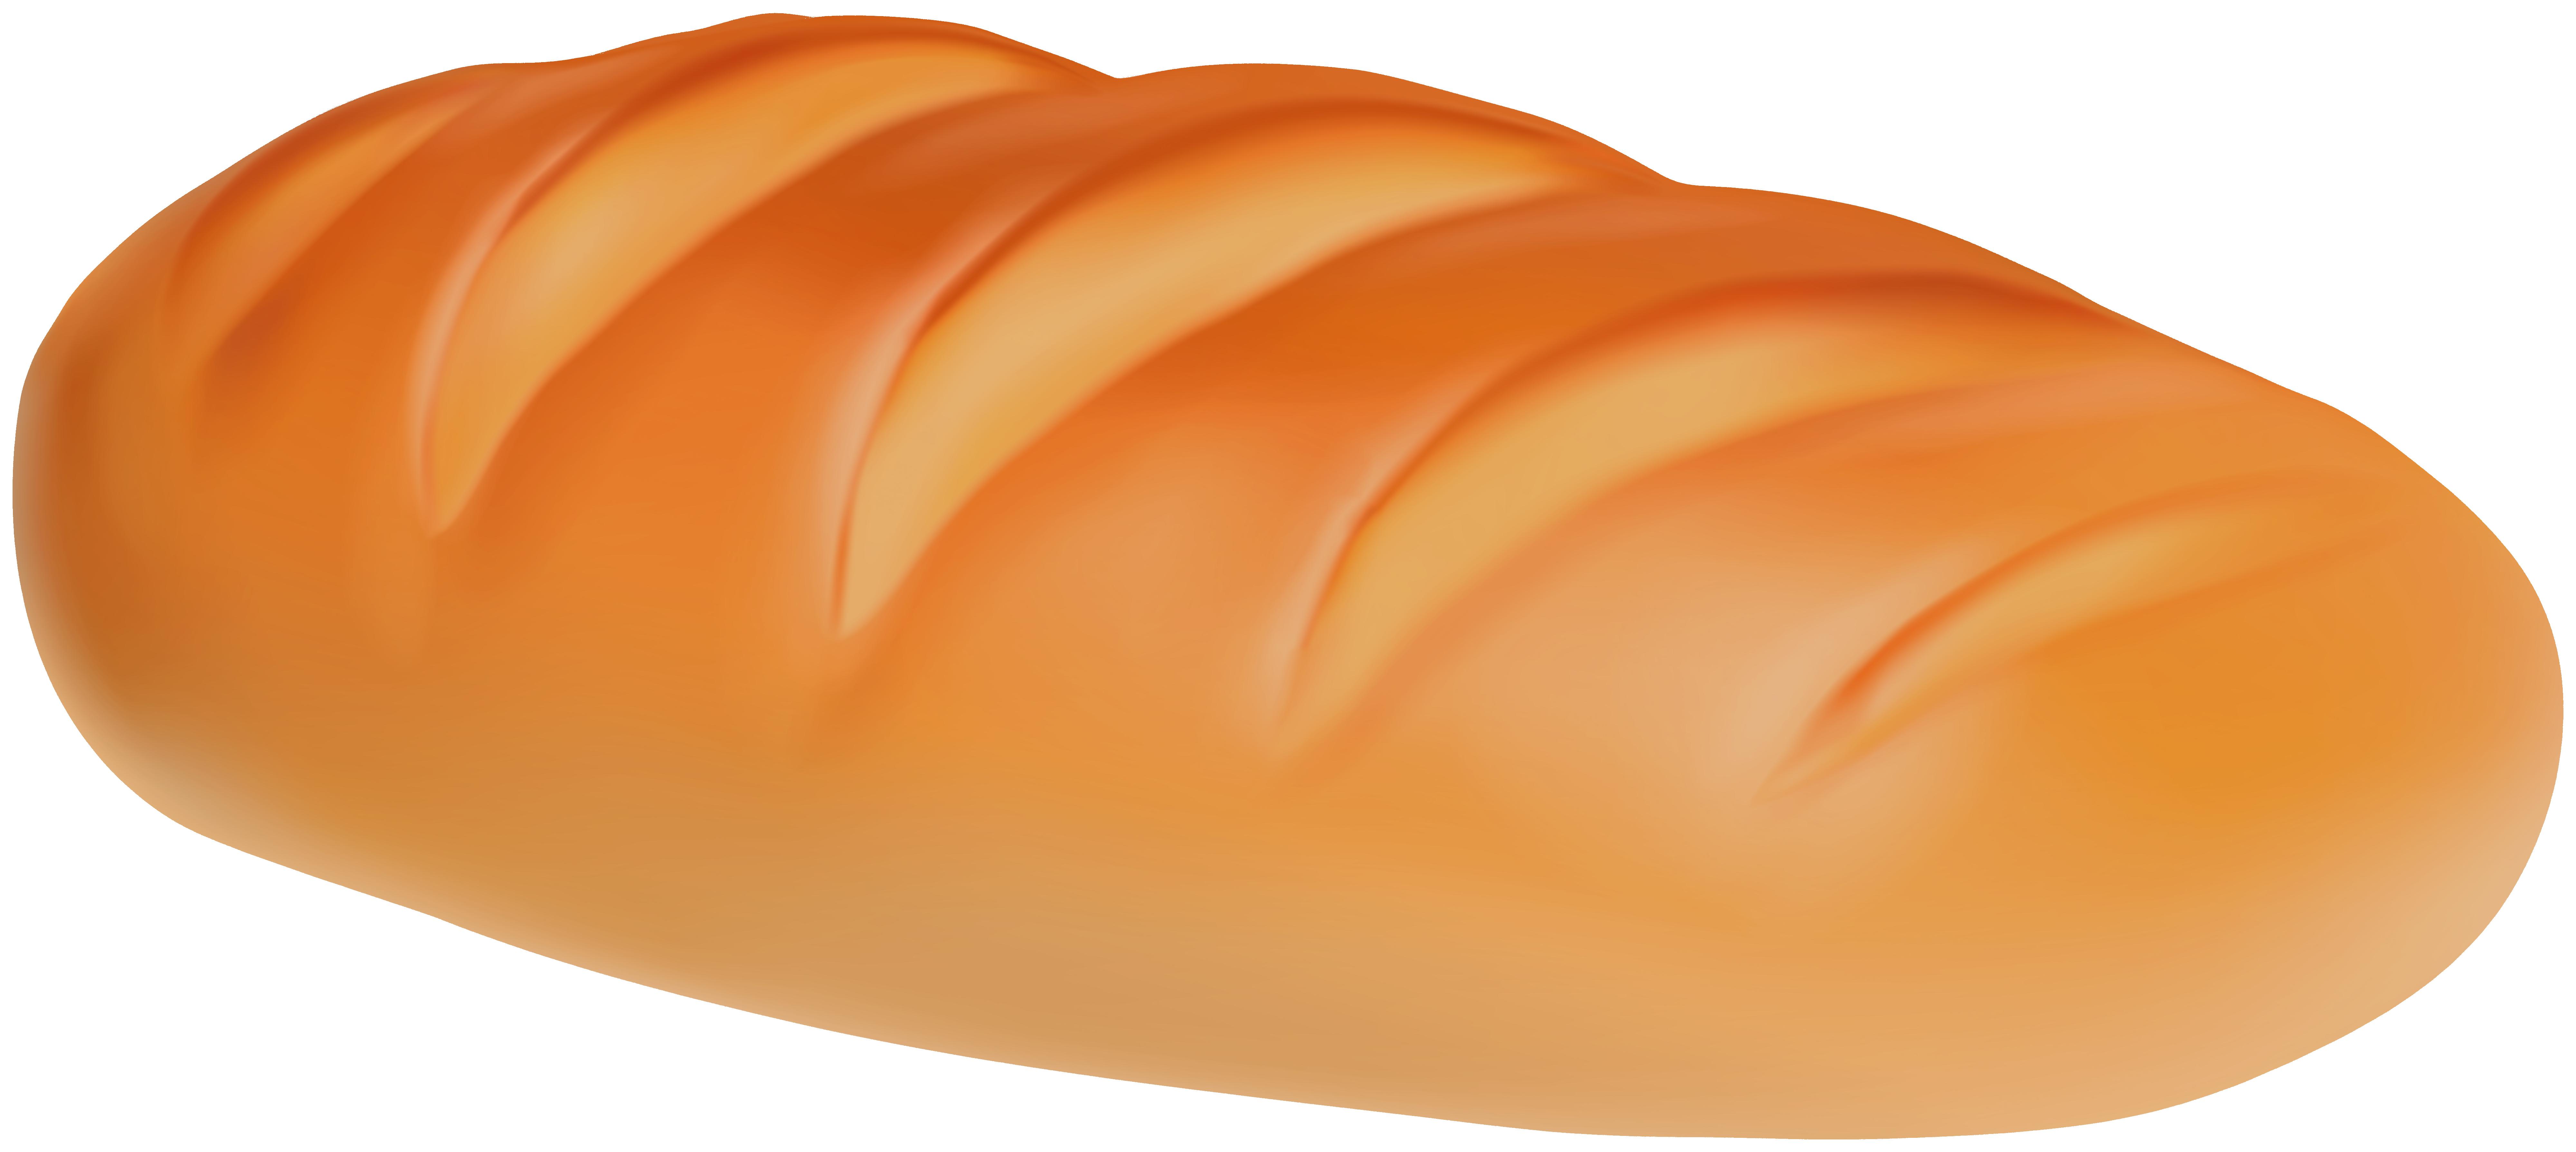 Bread PNG Clip Art.